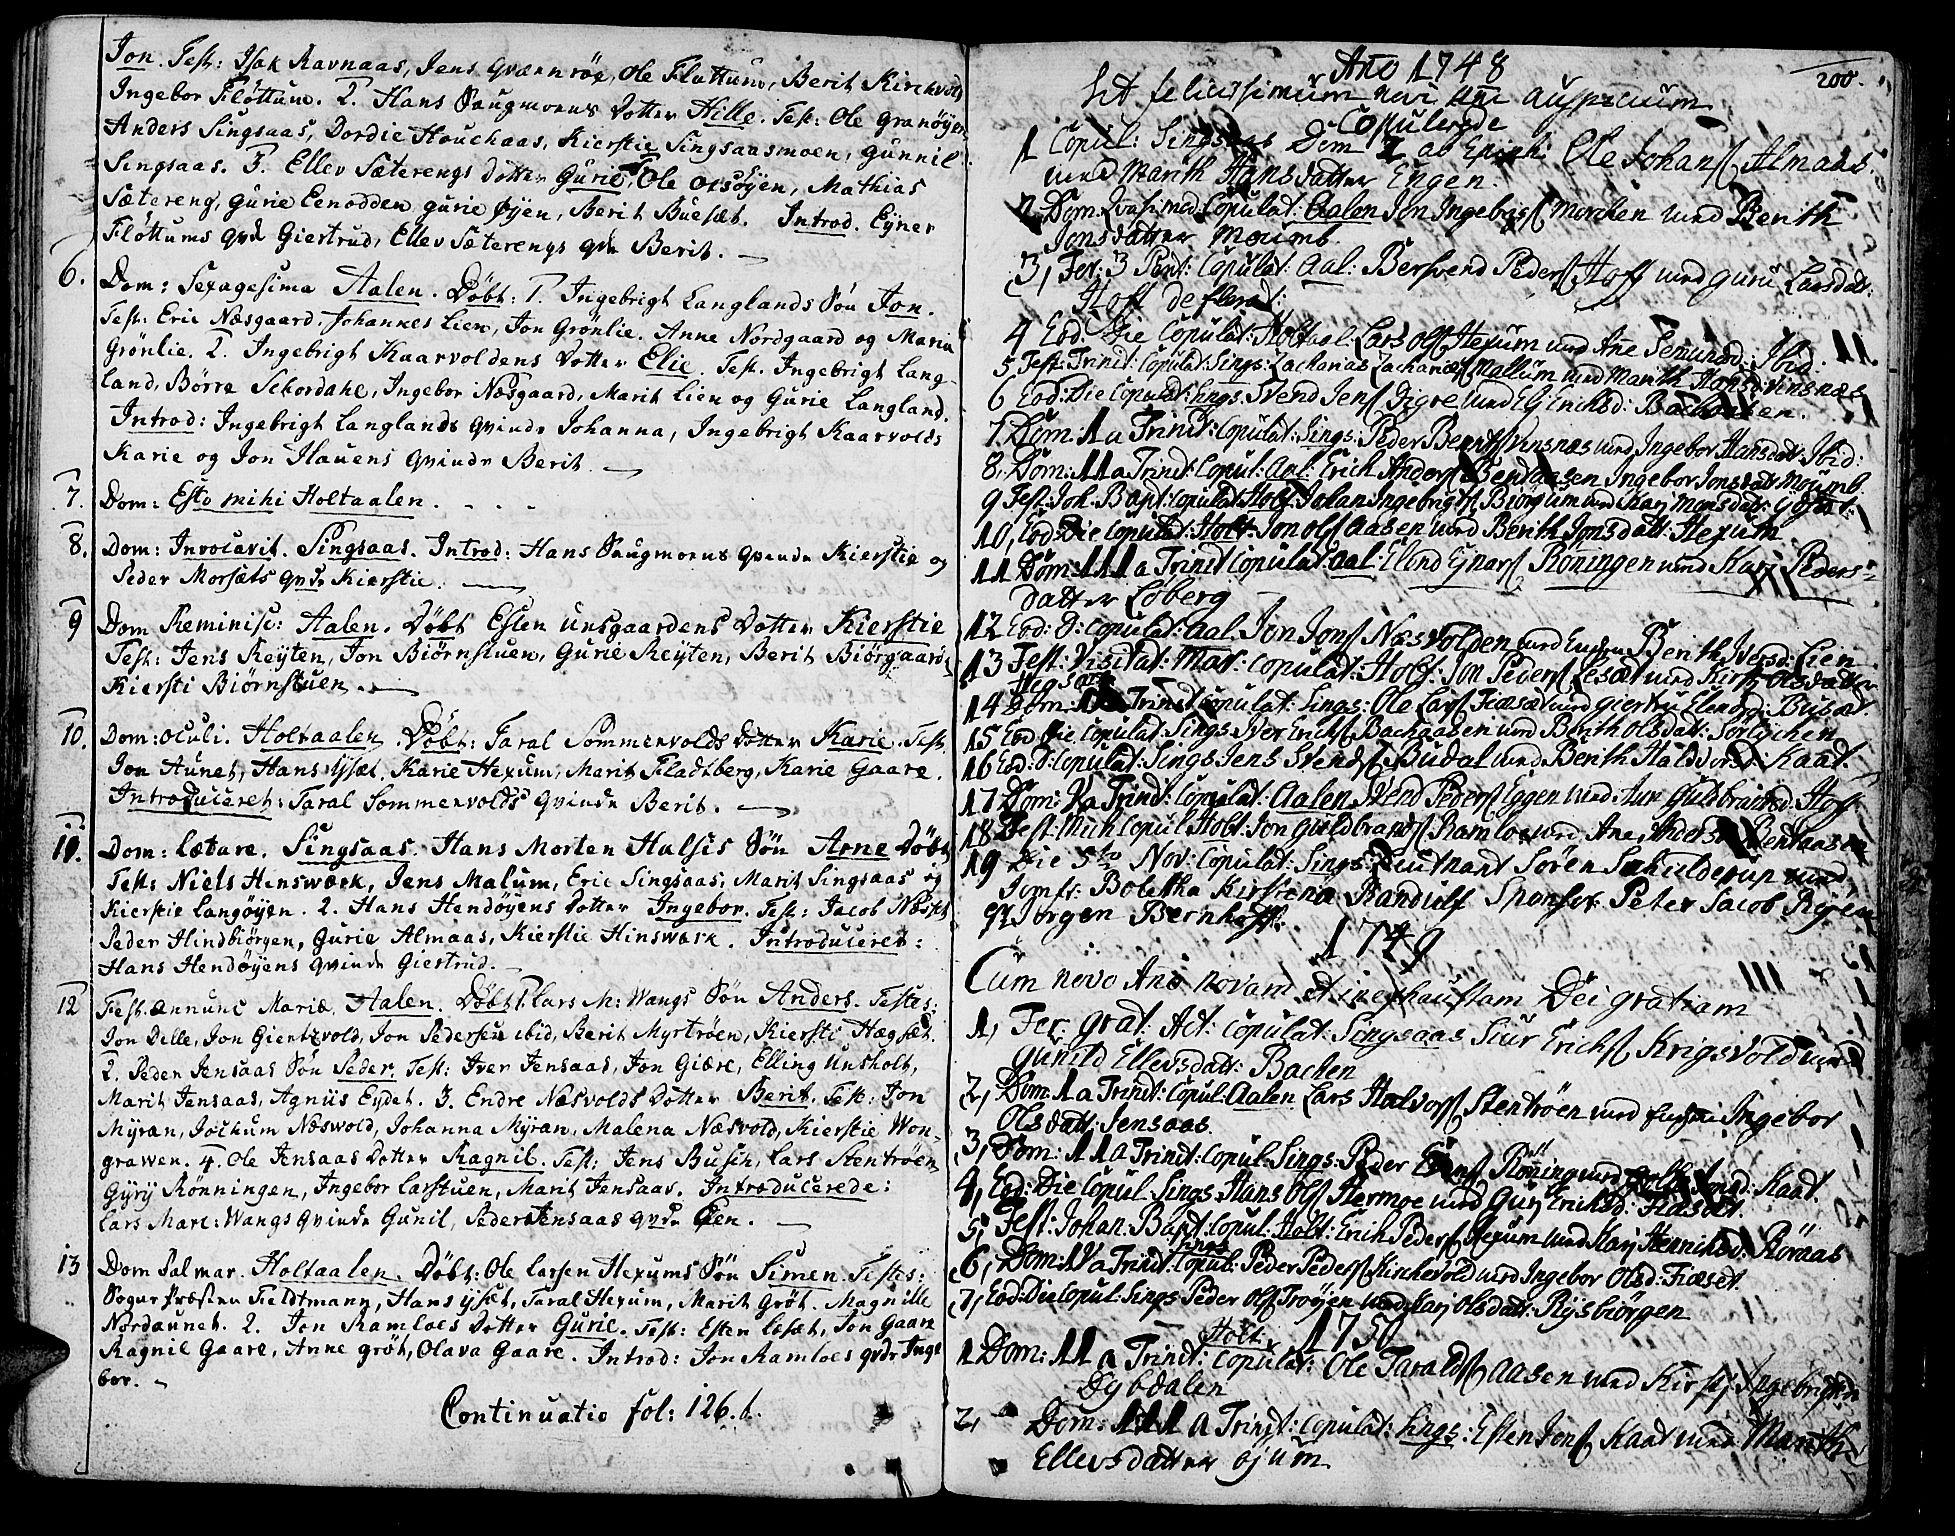 SAT, Ministerialprotokoller, klokkerbøker og fødselsregistre - Sør-Trøndelag, 685/L0952: Ministerialbok nr. 685A01, 1745-1804, s. 200